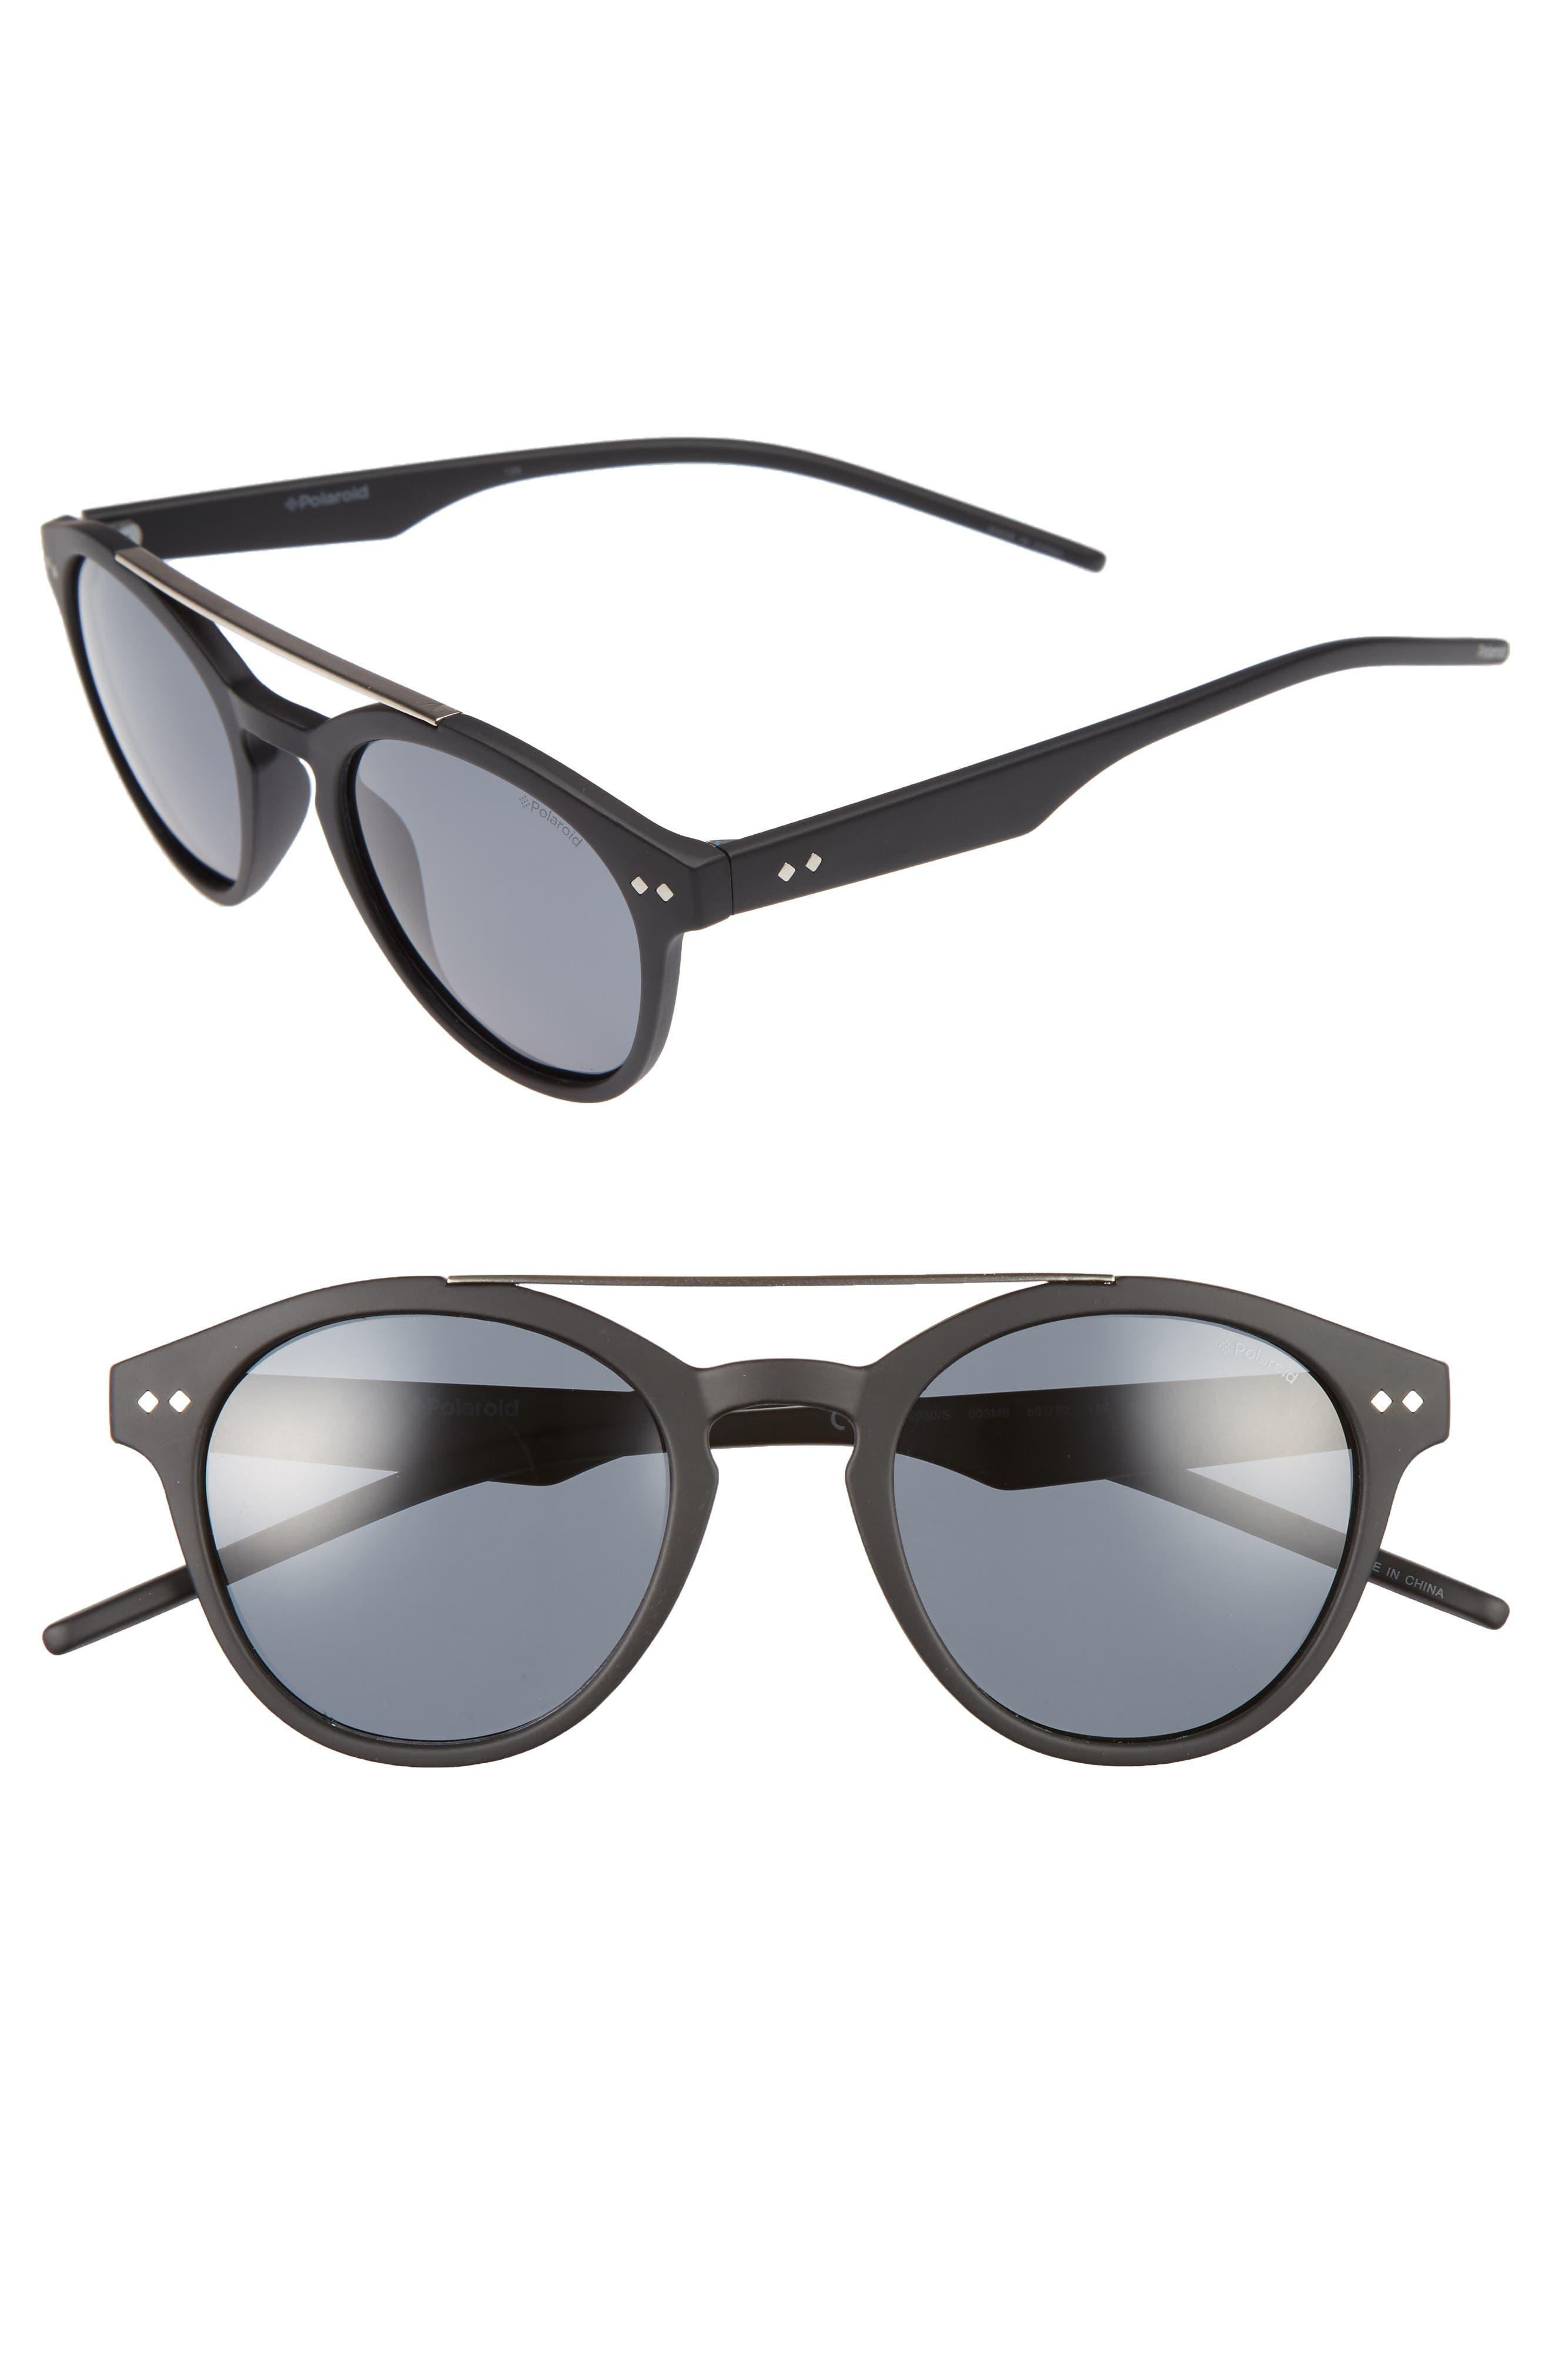 50mm Polarized Retro Sunglasses,                         Main,                         color, Matte Black